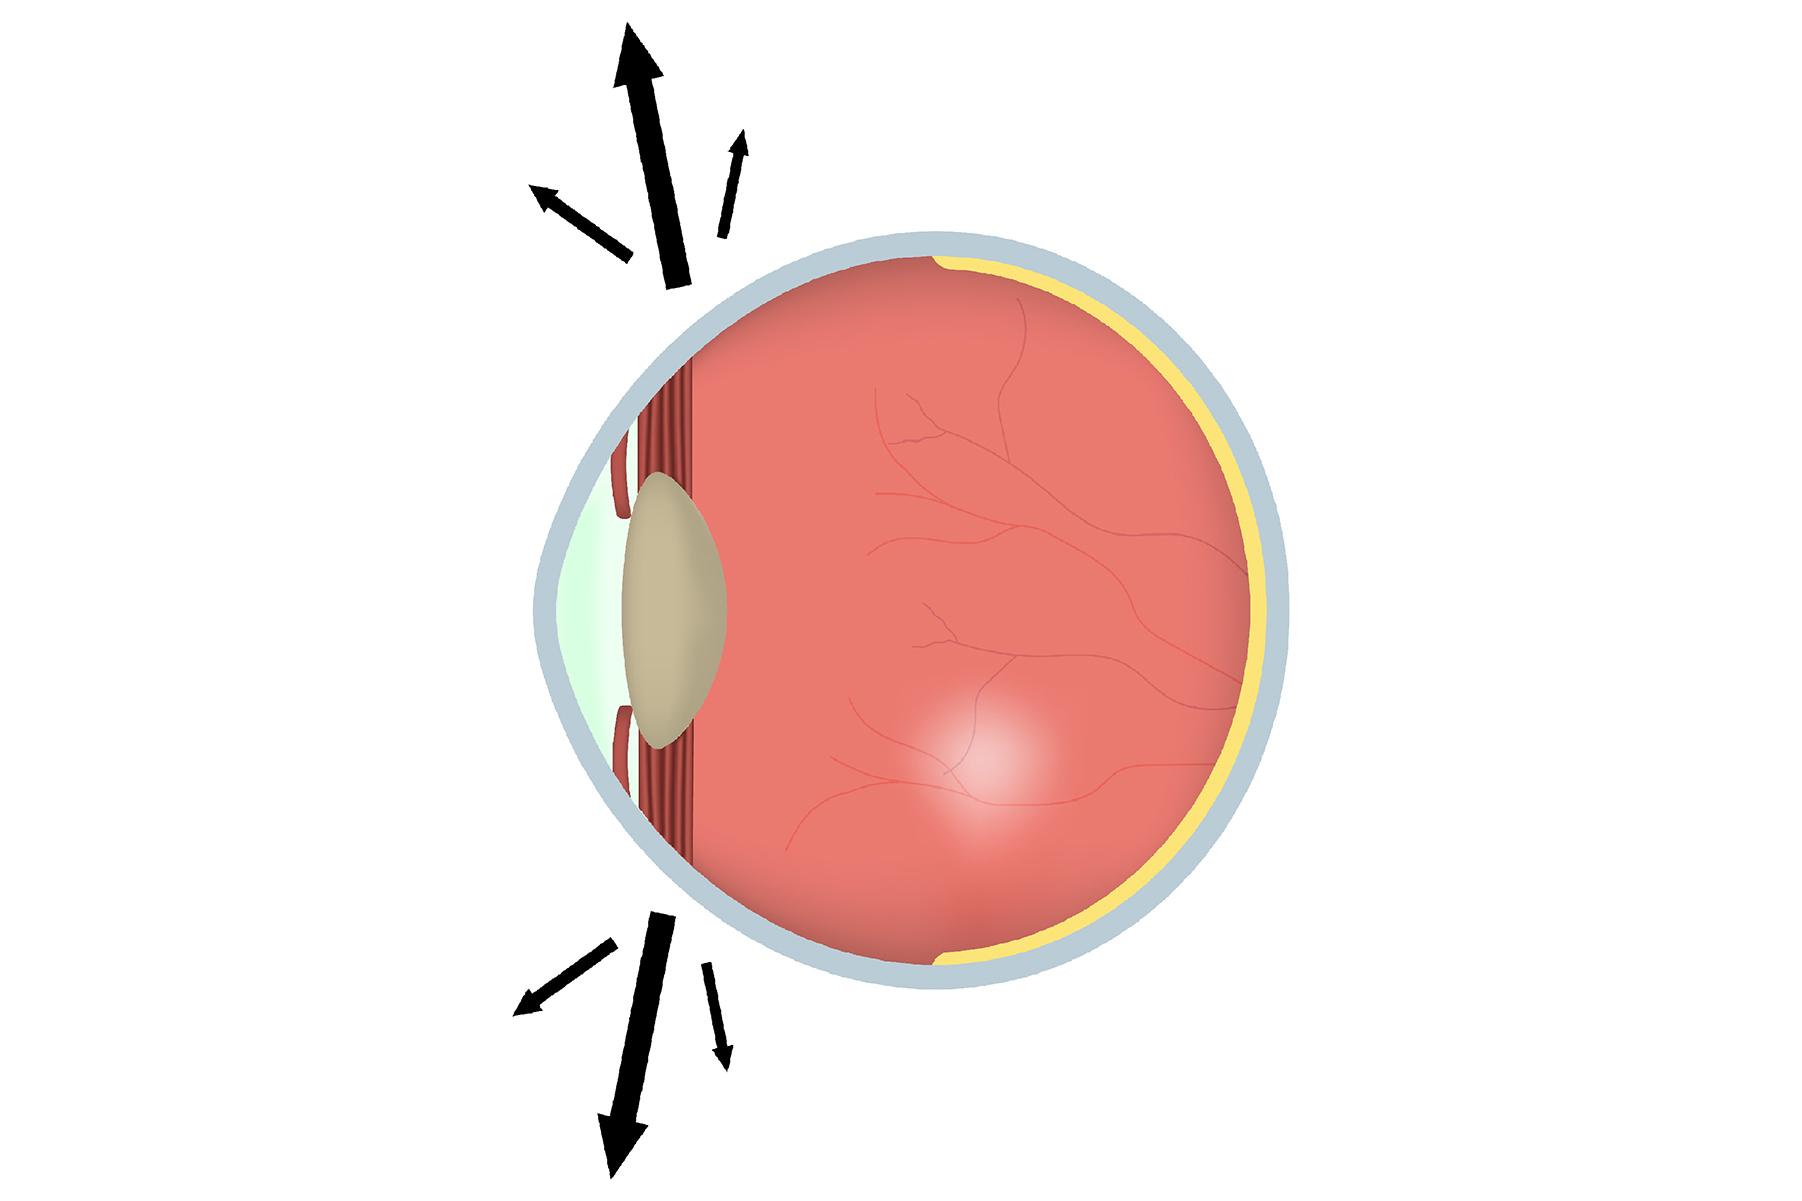 Нистагм: что это такое для глазных яблок, код болезни глаз по мкб 10, степени у взрослых, какова длительность синдрома в секундах